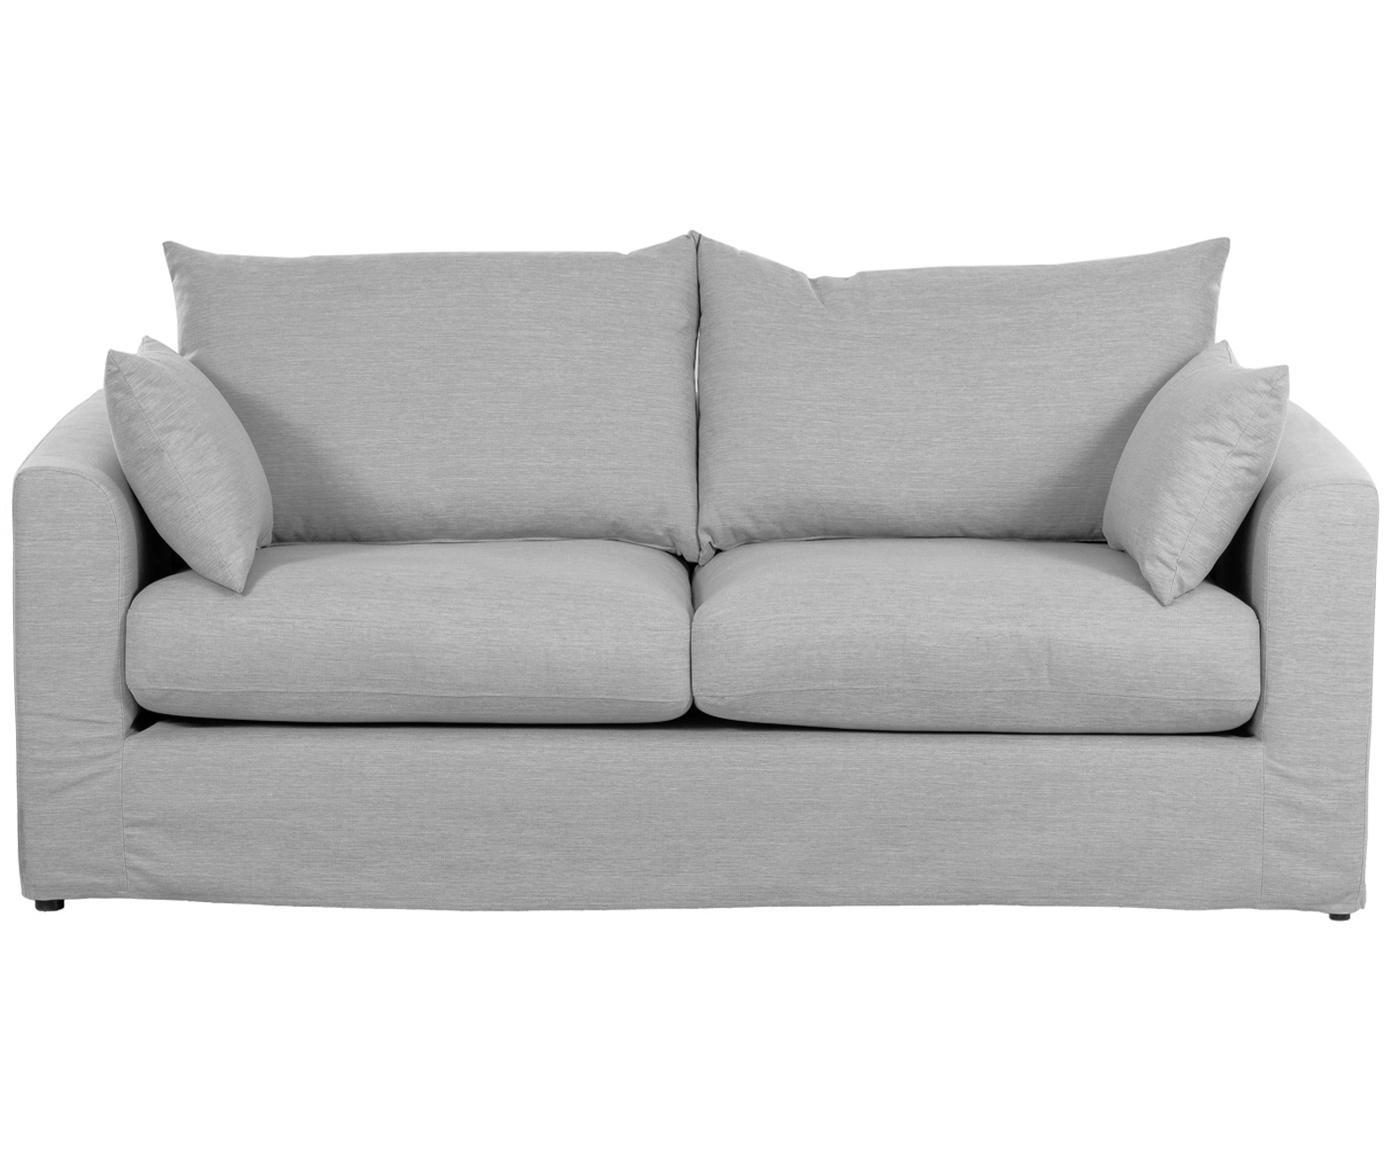 Sofa Zach (2-Sitzer), Bezug: Polypropylen Der hochwert, Füße: Kunststoff, Webstoff Grau, B 191 x T 90 cm